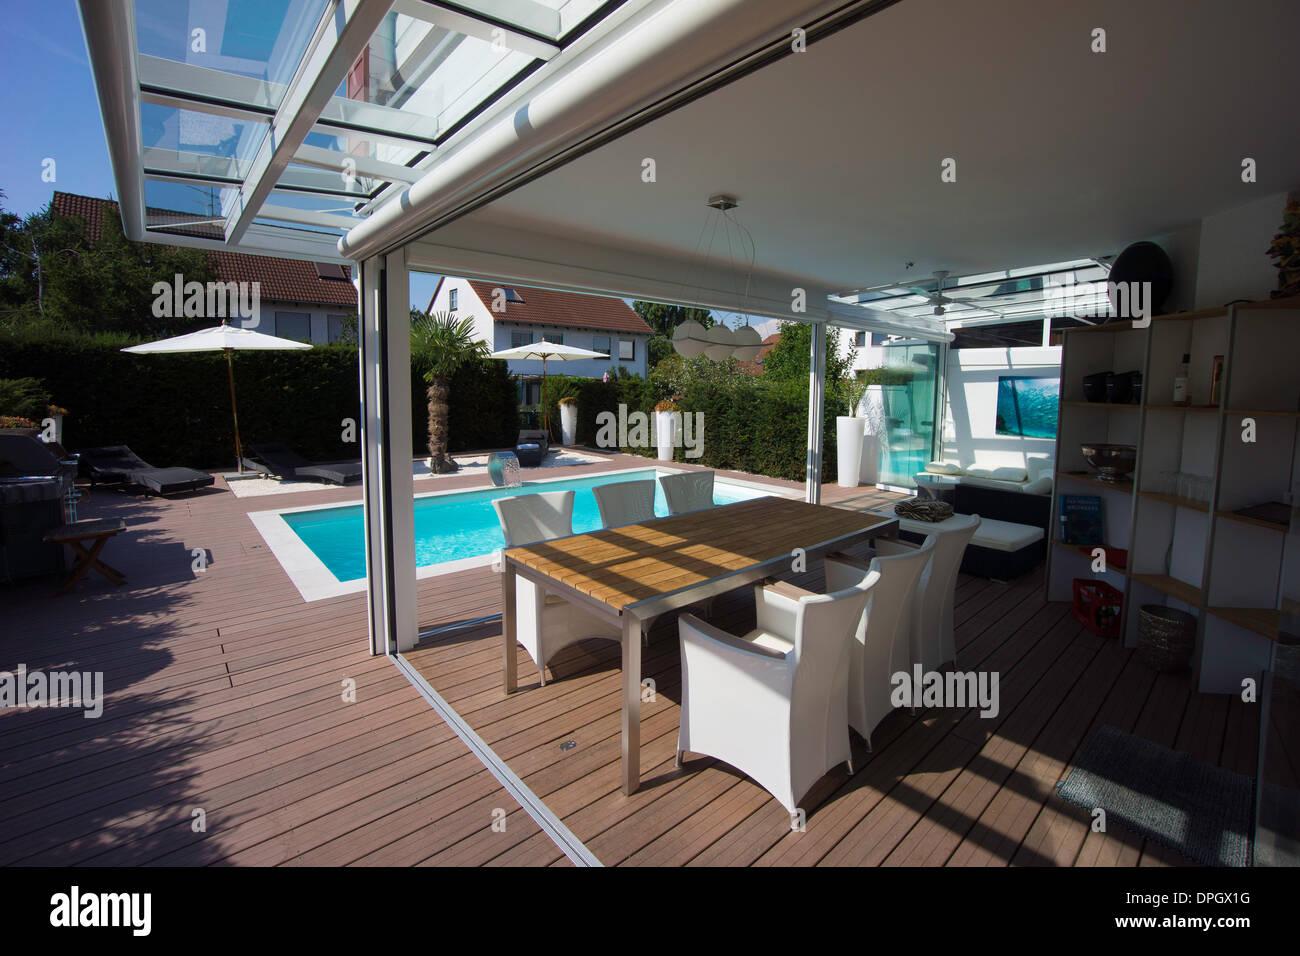 Privates Haus Mit Wintergarten Lounge Pool Und Terrasse